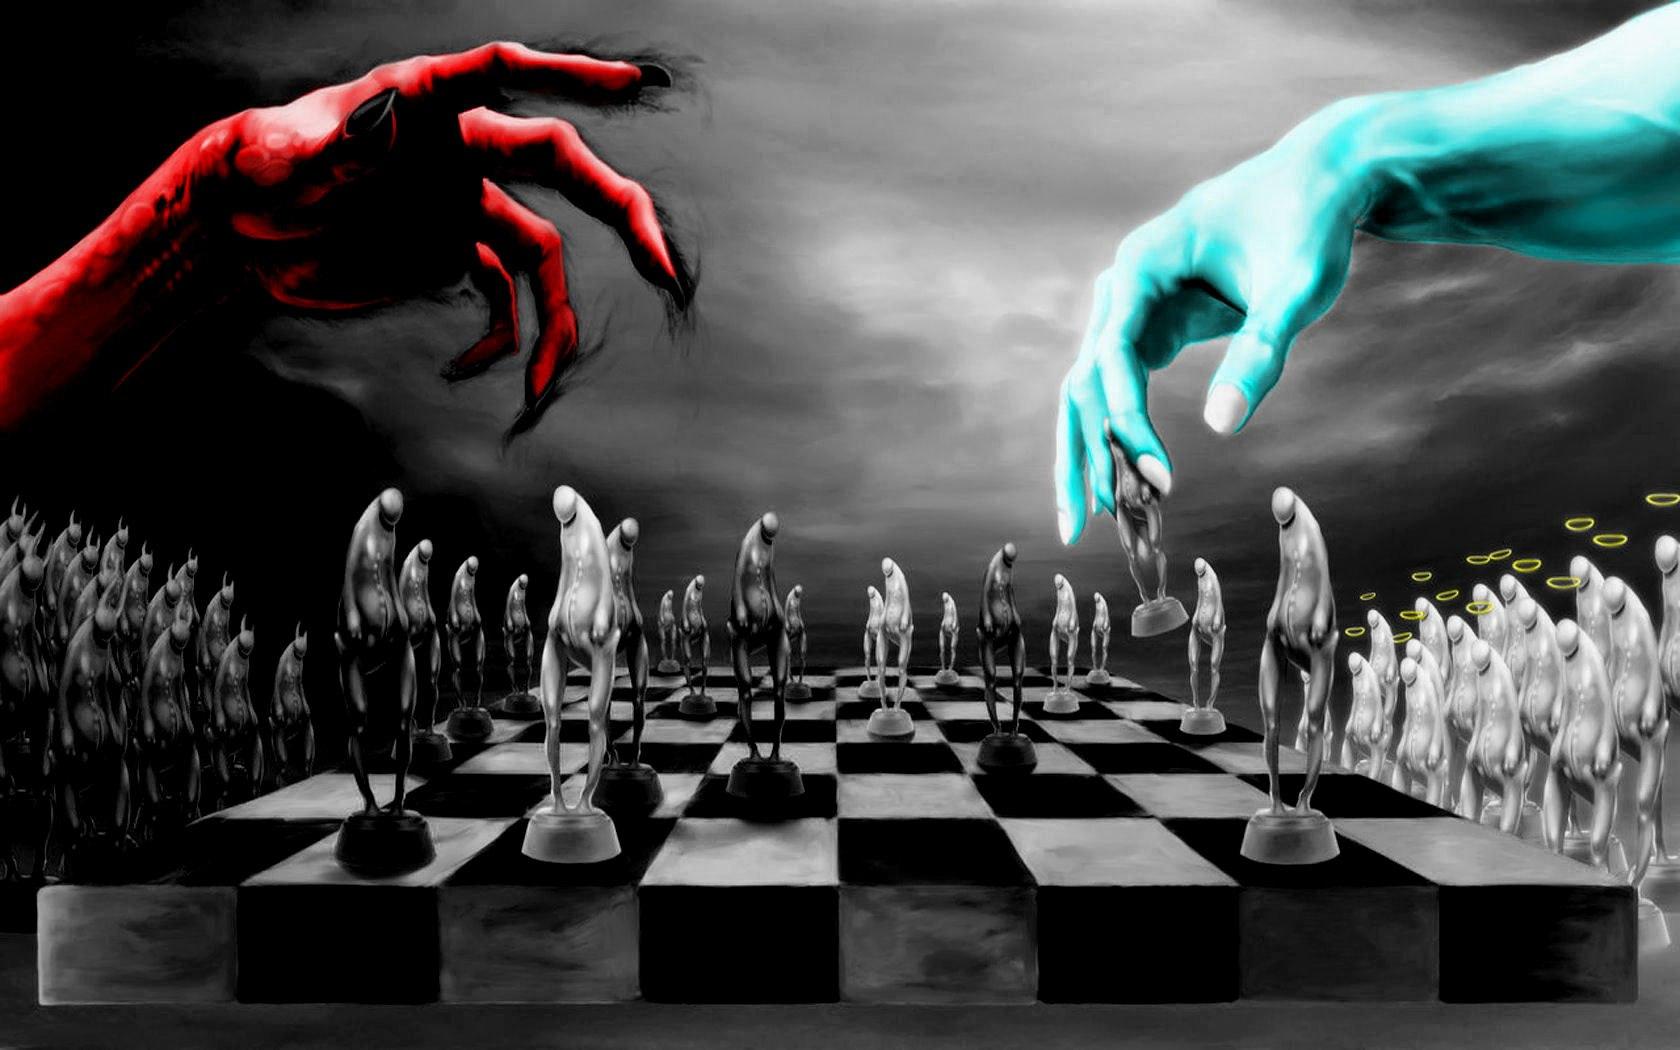 Chess-God-Vs-Devil-Wallpaper-1680x1050.jpg